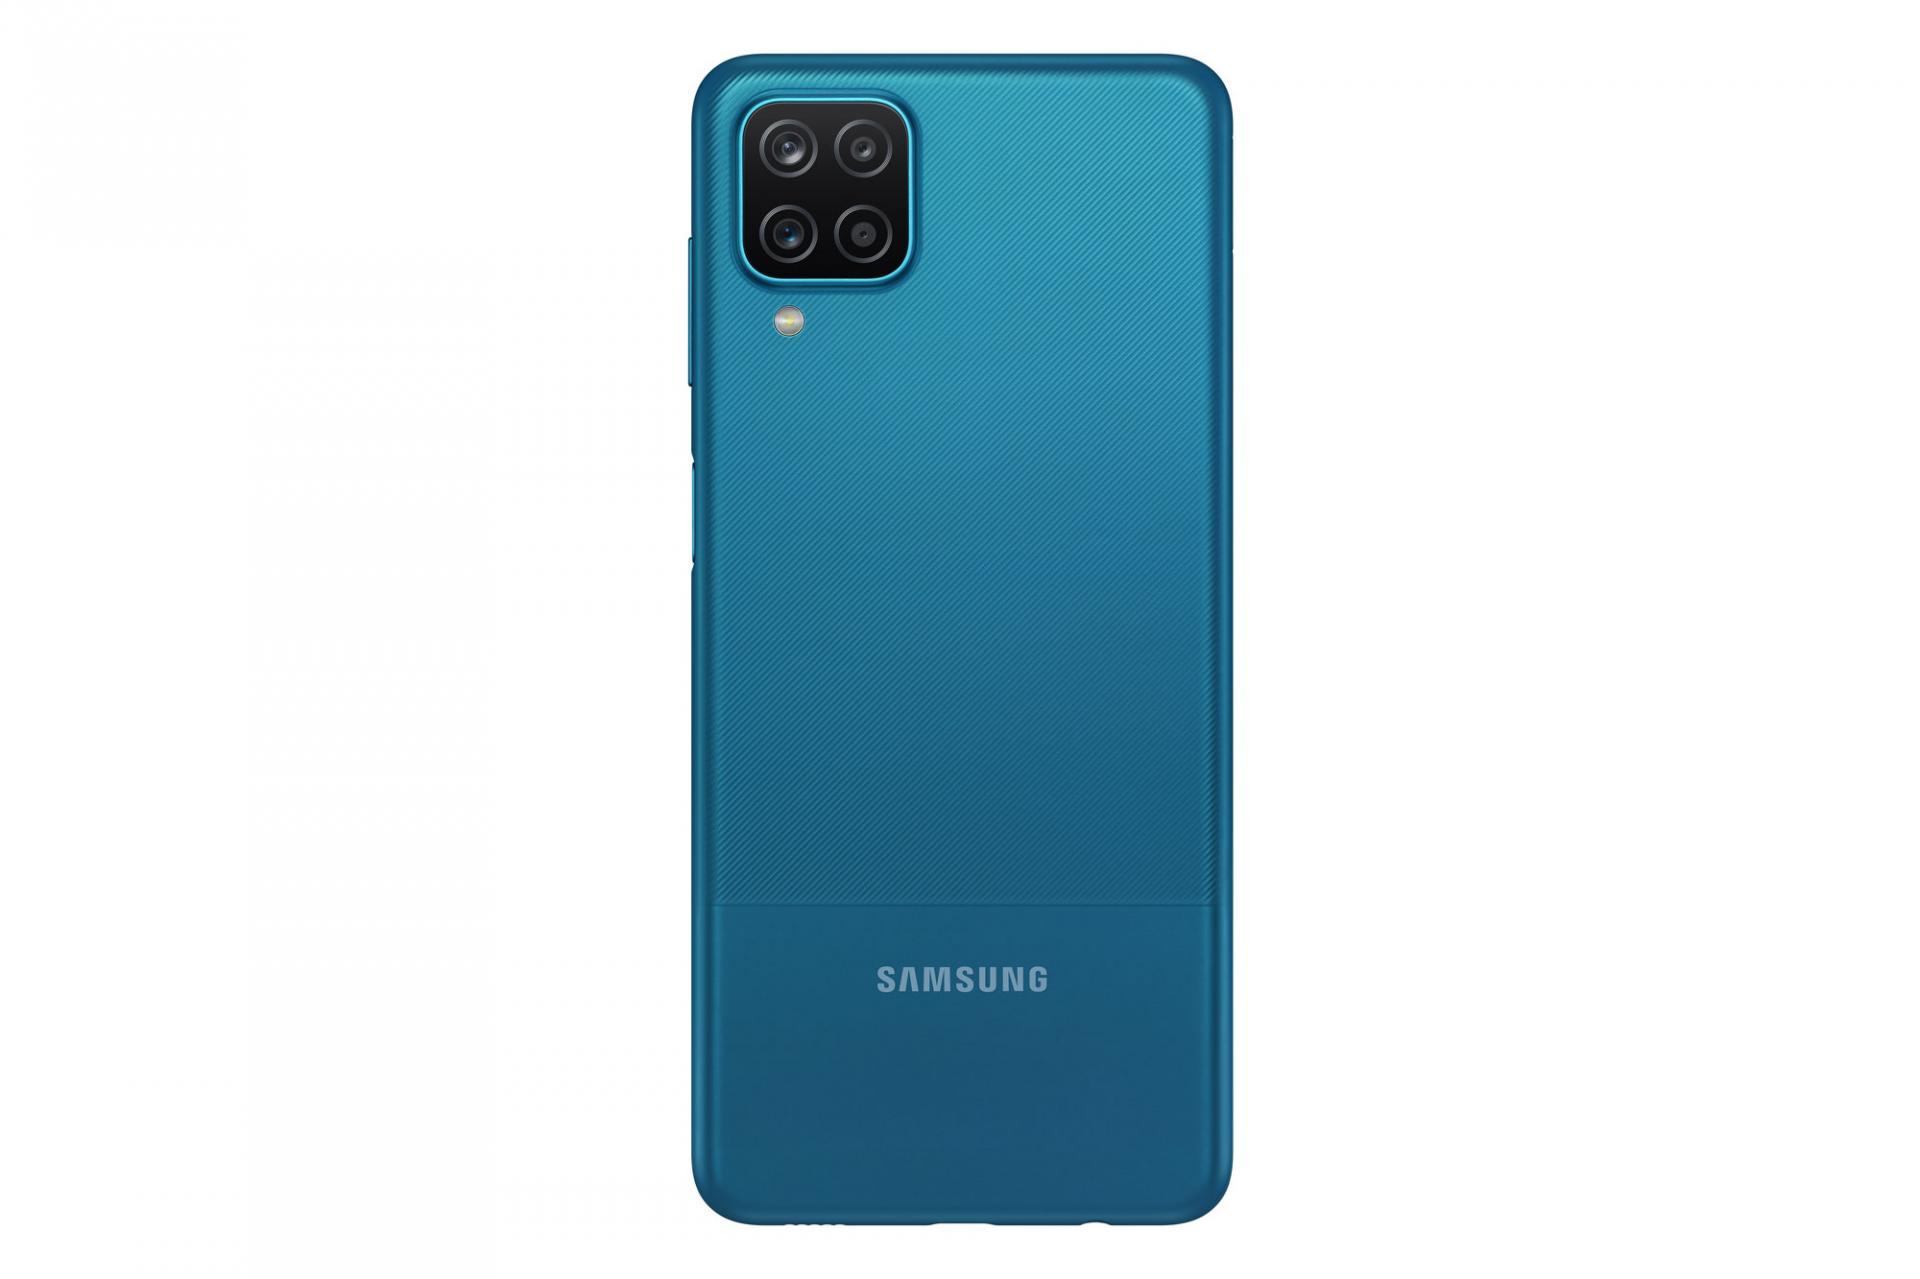 Samsung Galaxy A12 отдают от11990 рублей. Онтолько анонсирован